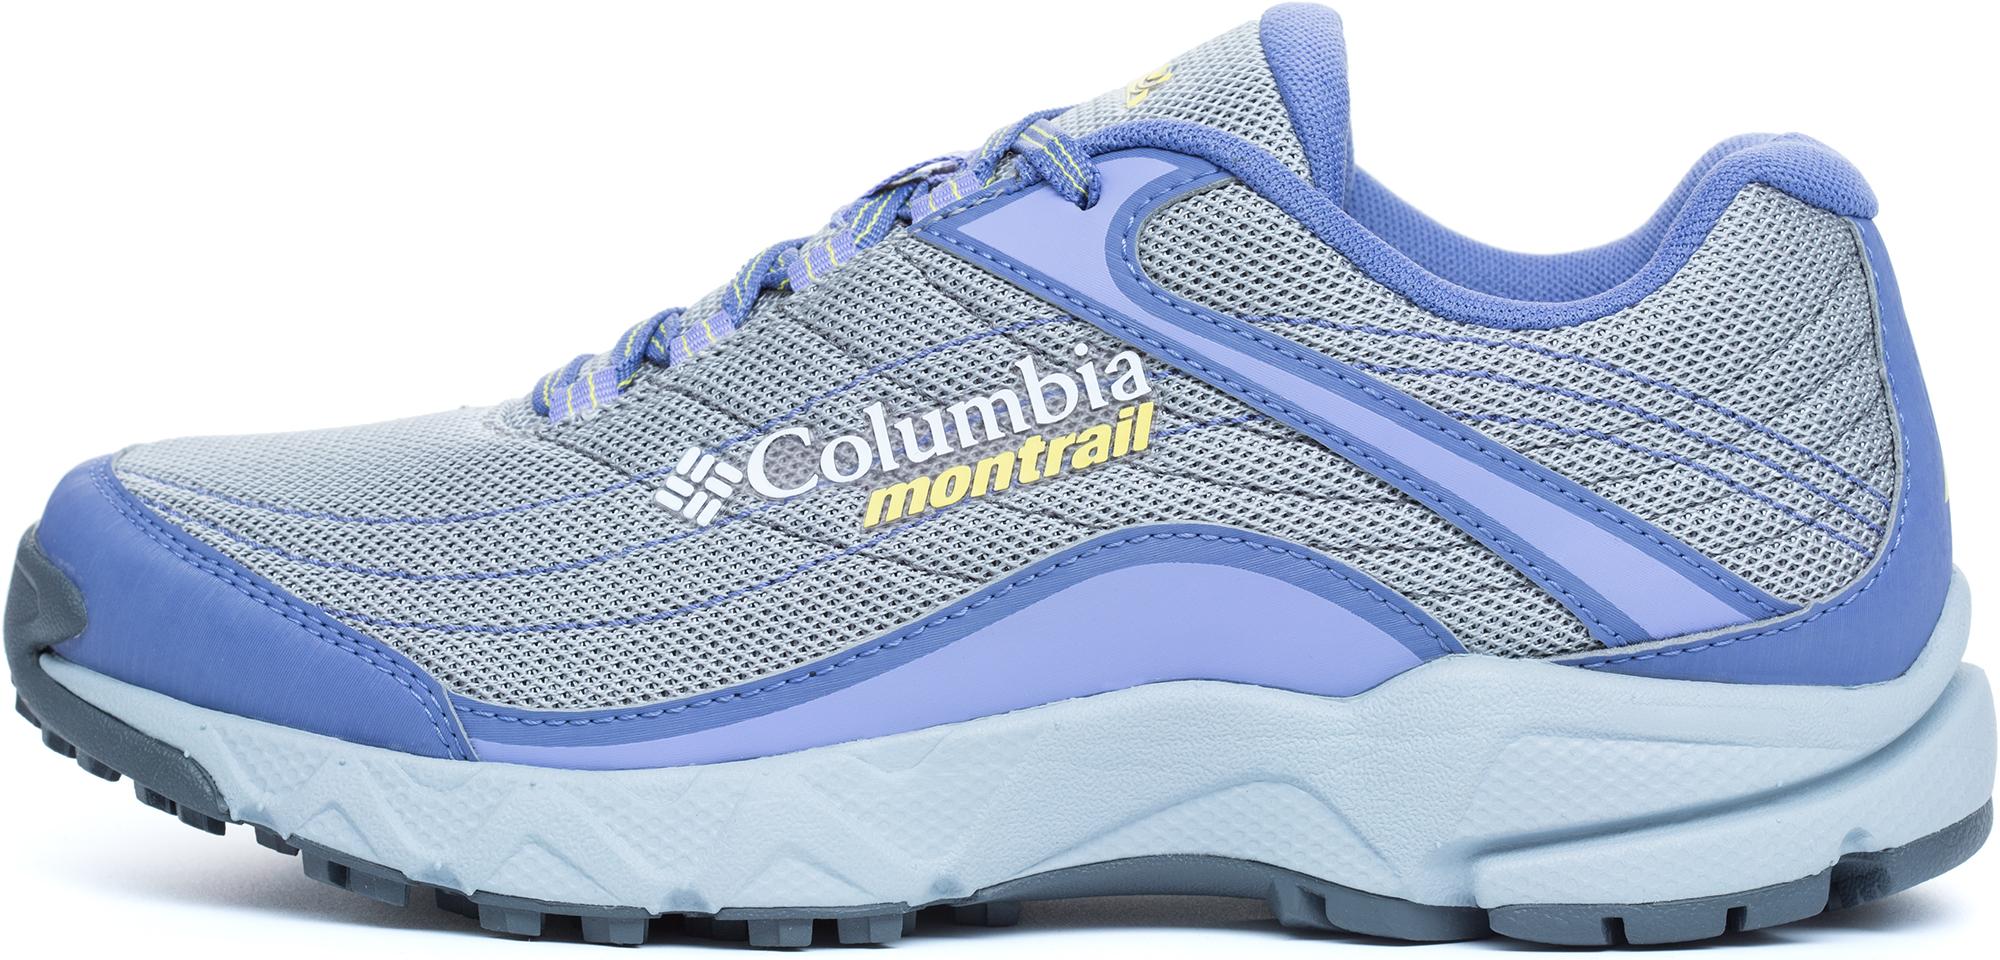 Columbia Кроссовки женские Columbia Bandon Trail II, размер 40 цены онлайн